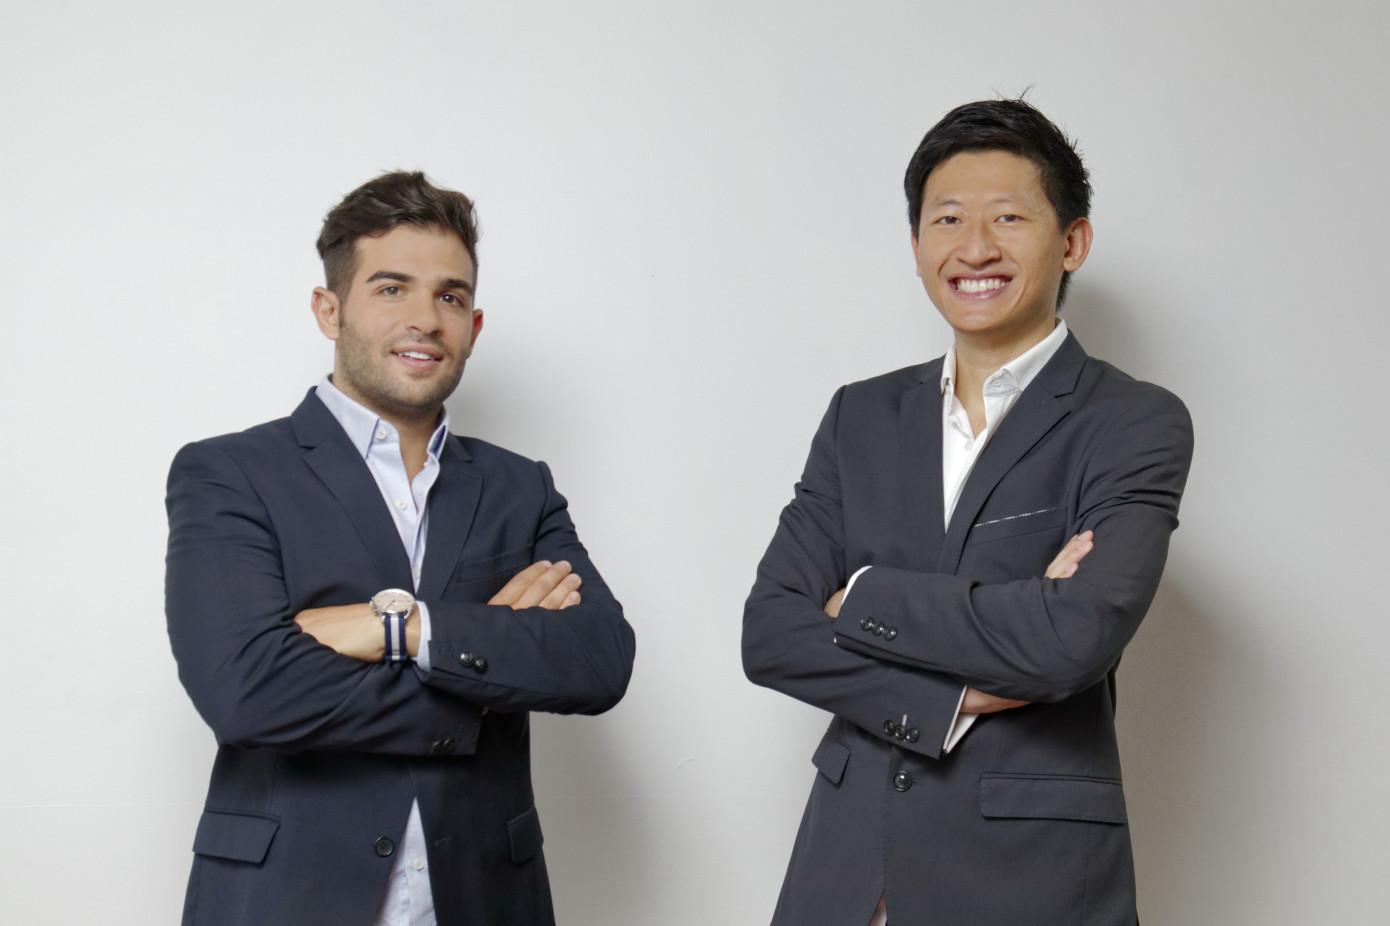 健身O2O平台ClassPass加速扩张,收购亚洲最大竞争对手GuavaPass